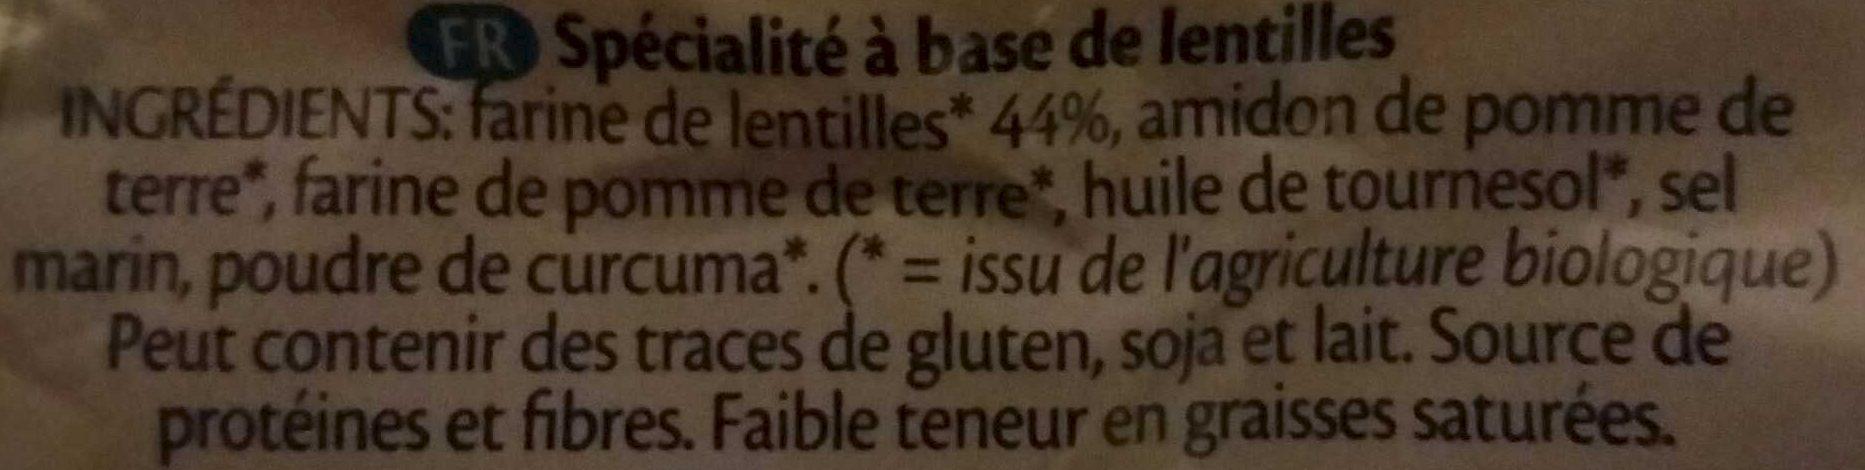 Lentil chips original - Ingredients - fr